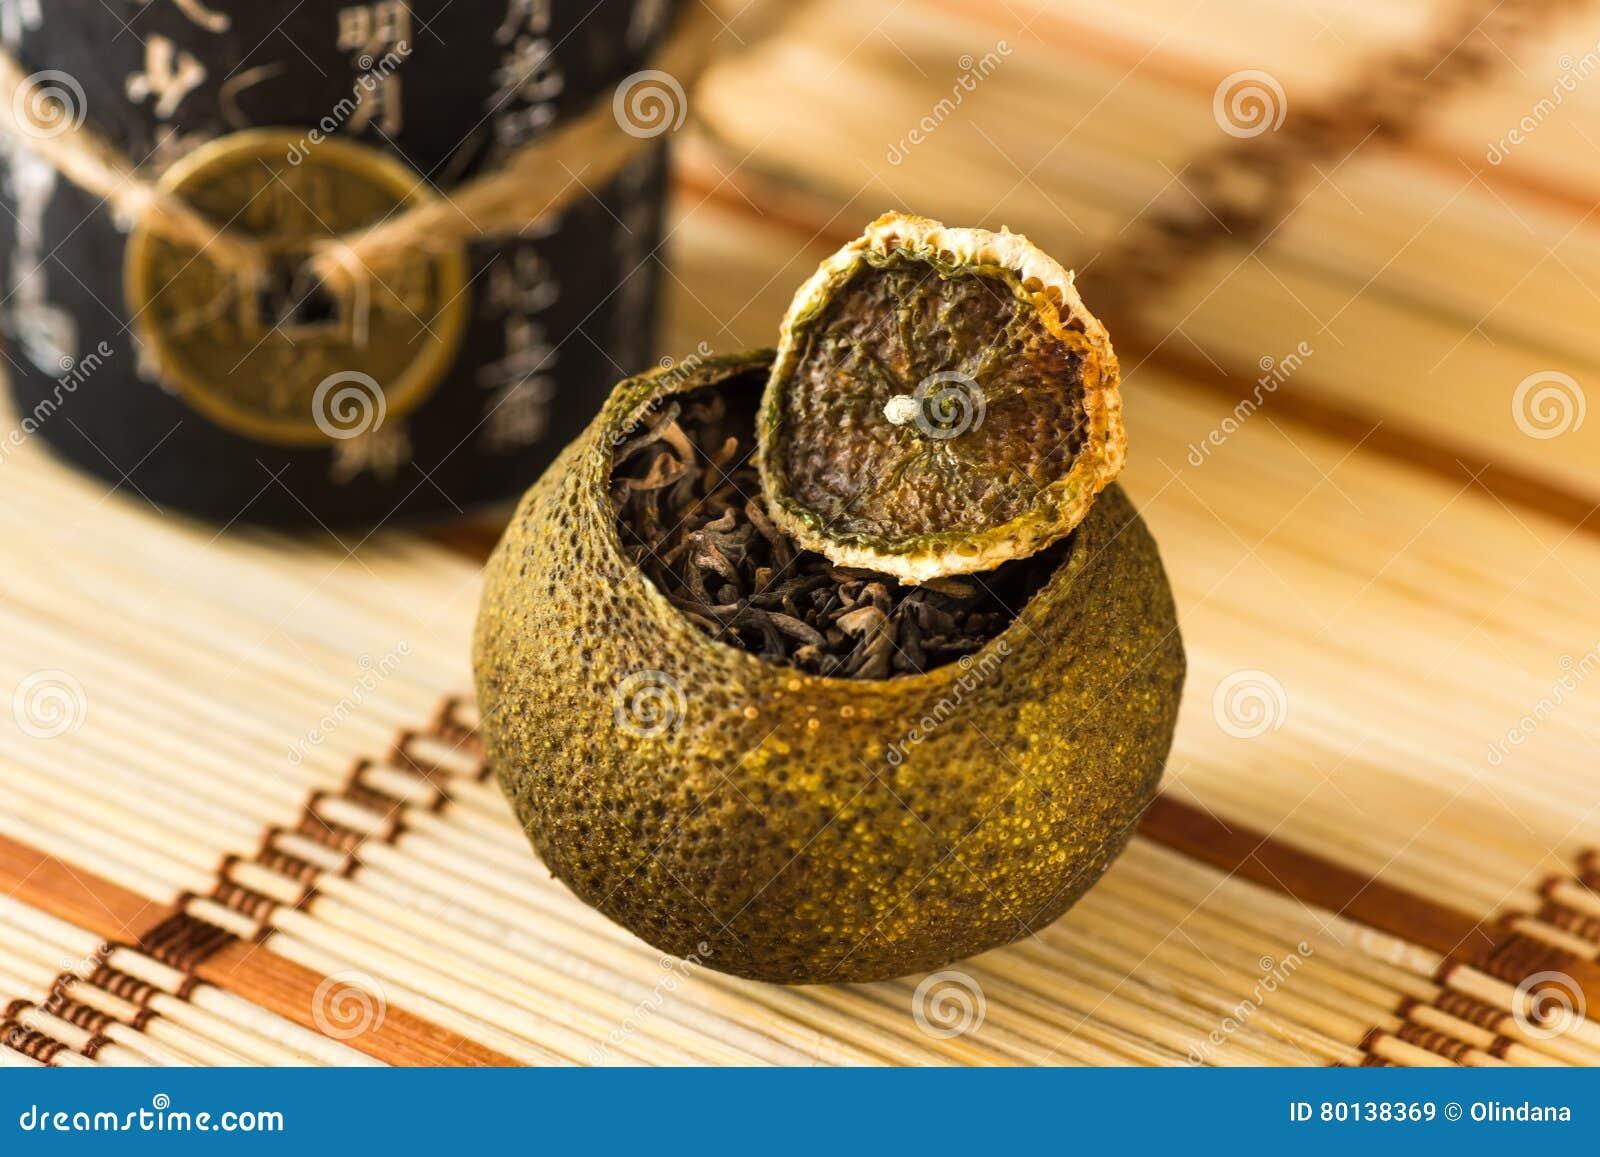 Åldrigt pu-erh te i en torr tangerinpeel på ett mattt sugrör för kinesisk stil, selektiv fokus